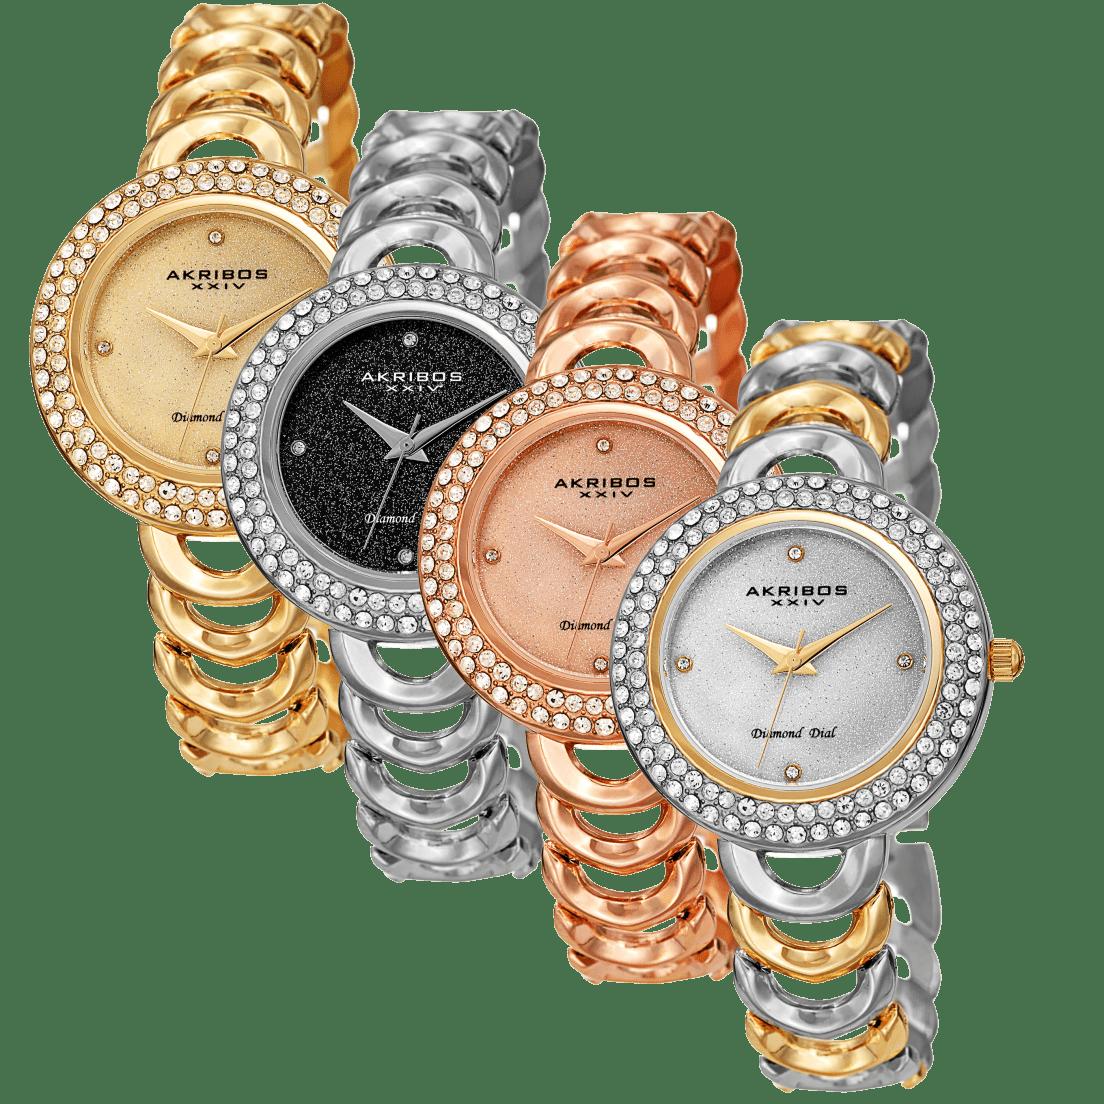 5ff6ff1b4147 Akribos XXIV AK1050 Women s Diamond   Swarovski Crystal Watch